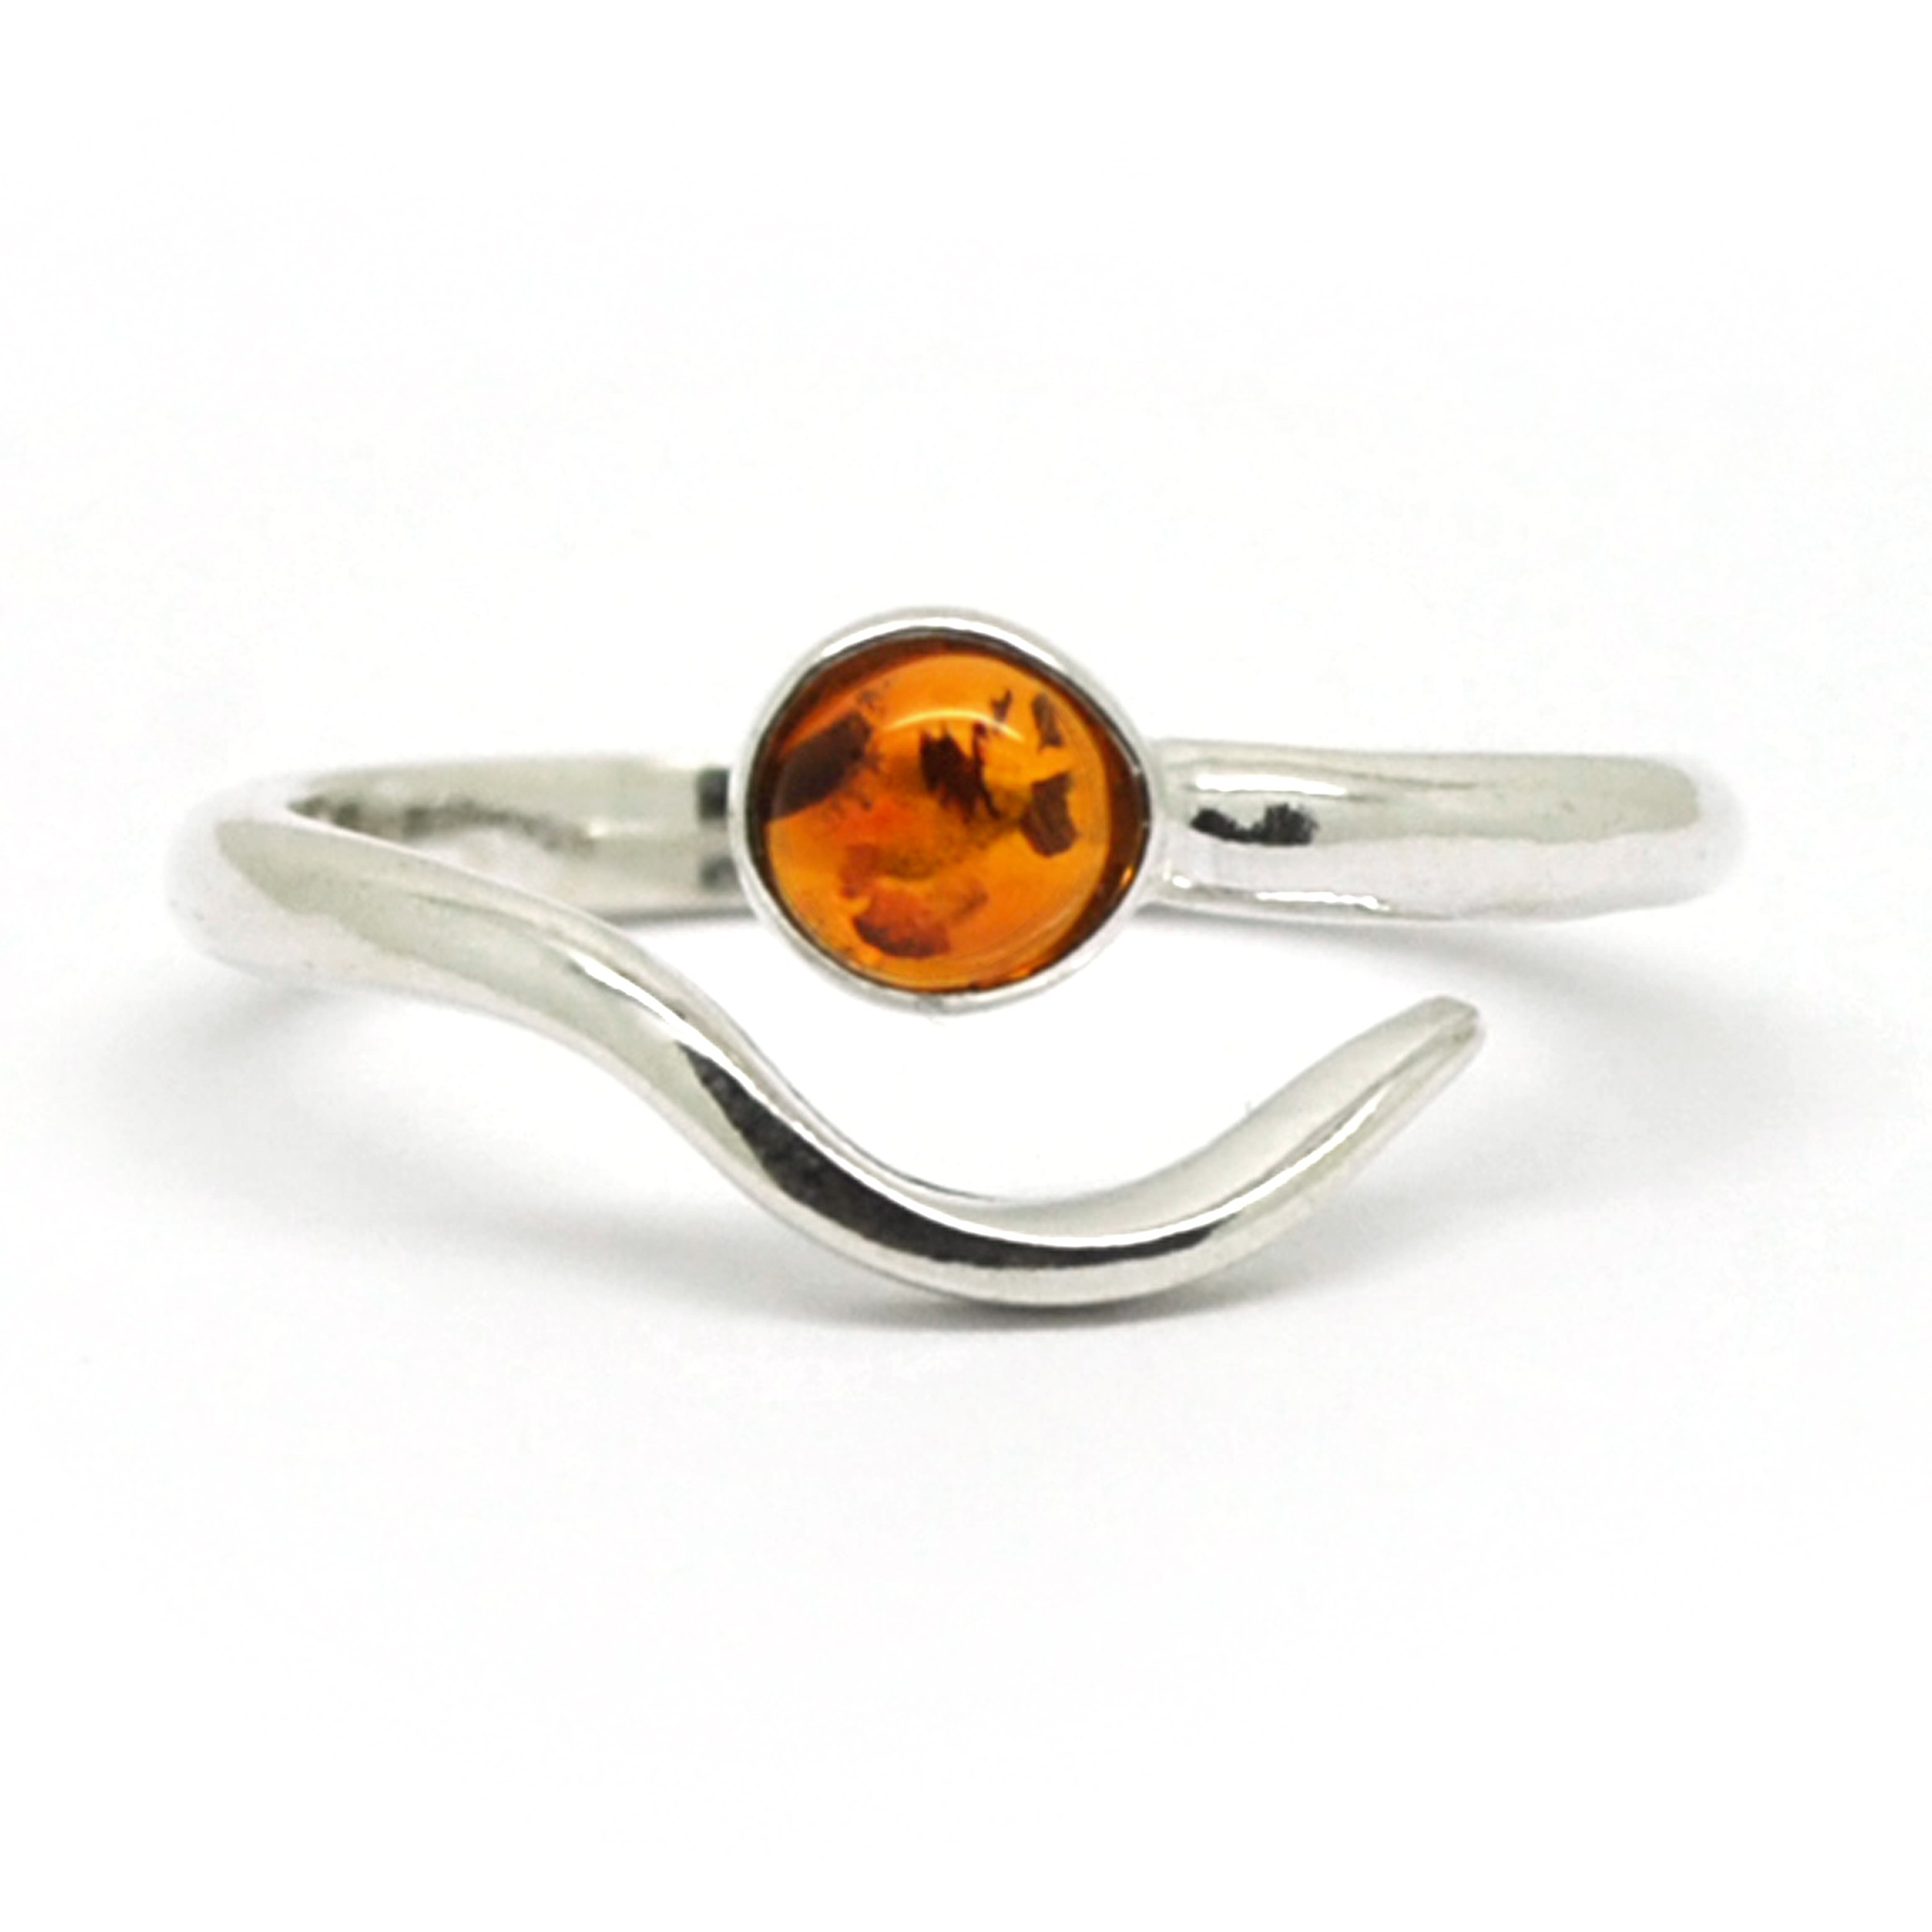 Quels sont les atouts des bijoux d'ambre?